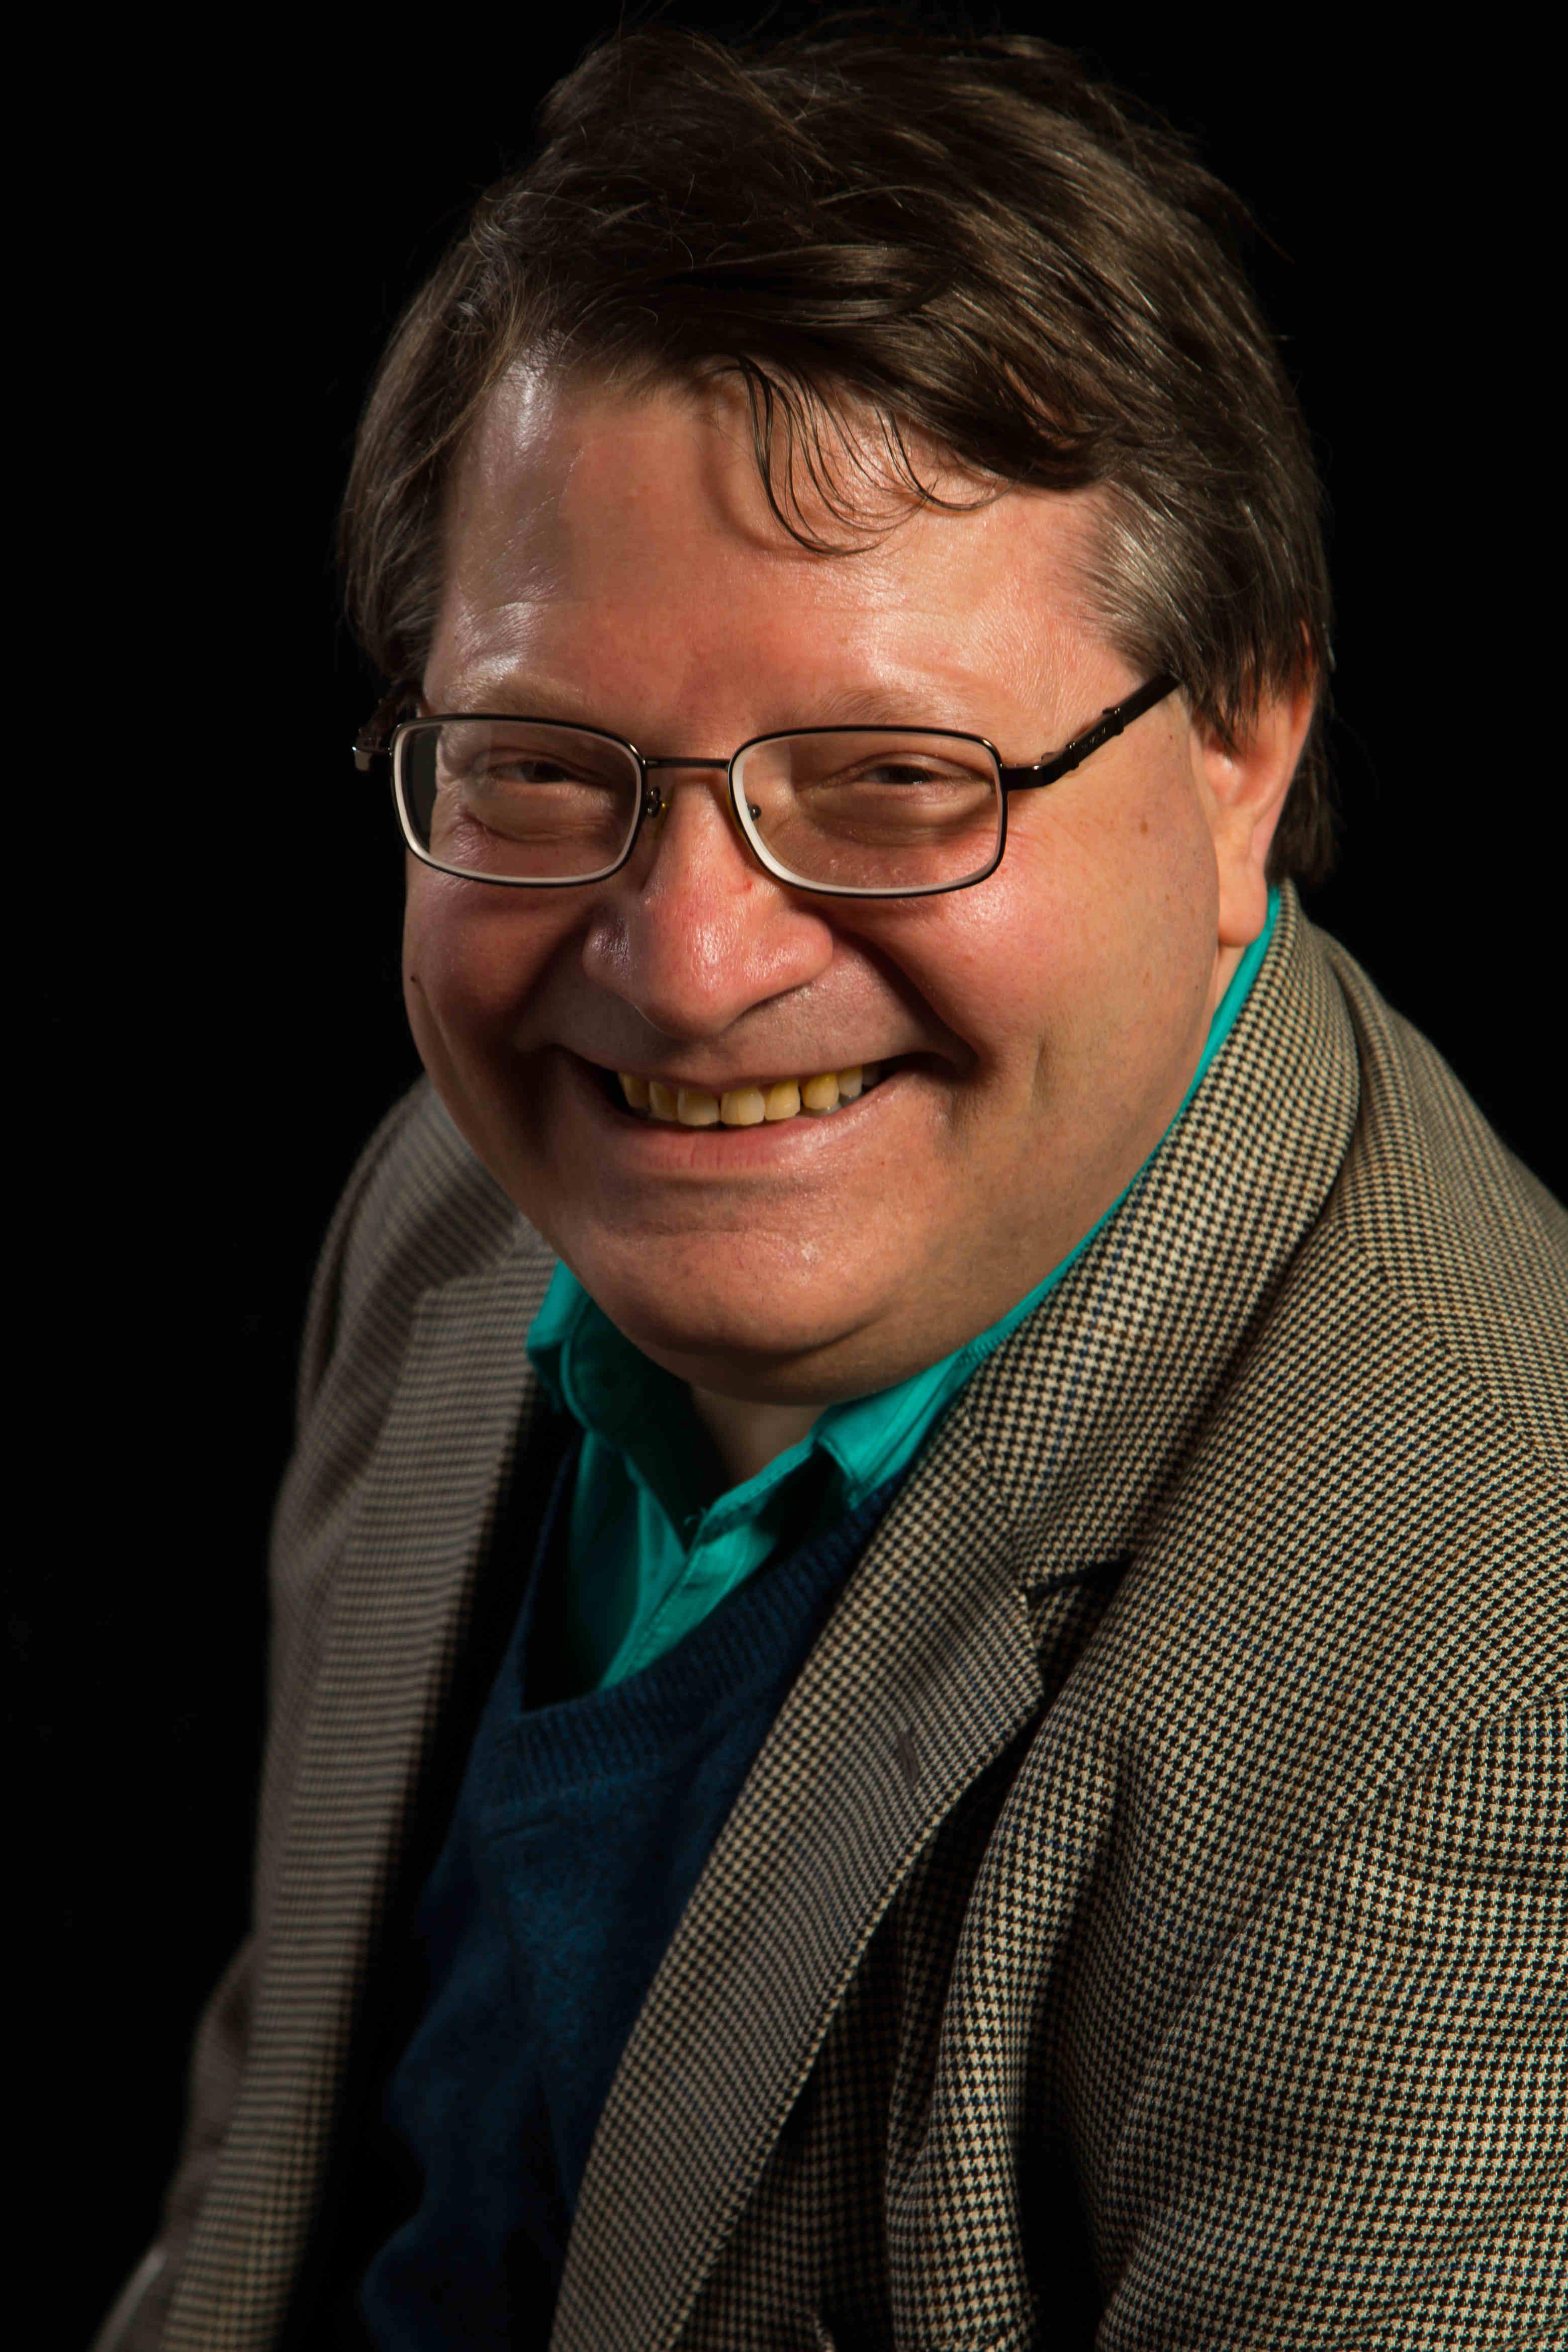 Steve Schwartzberg